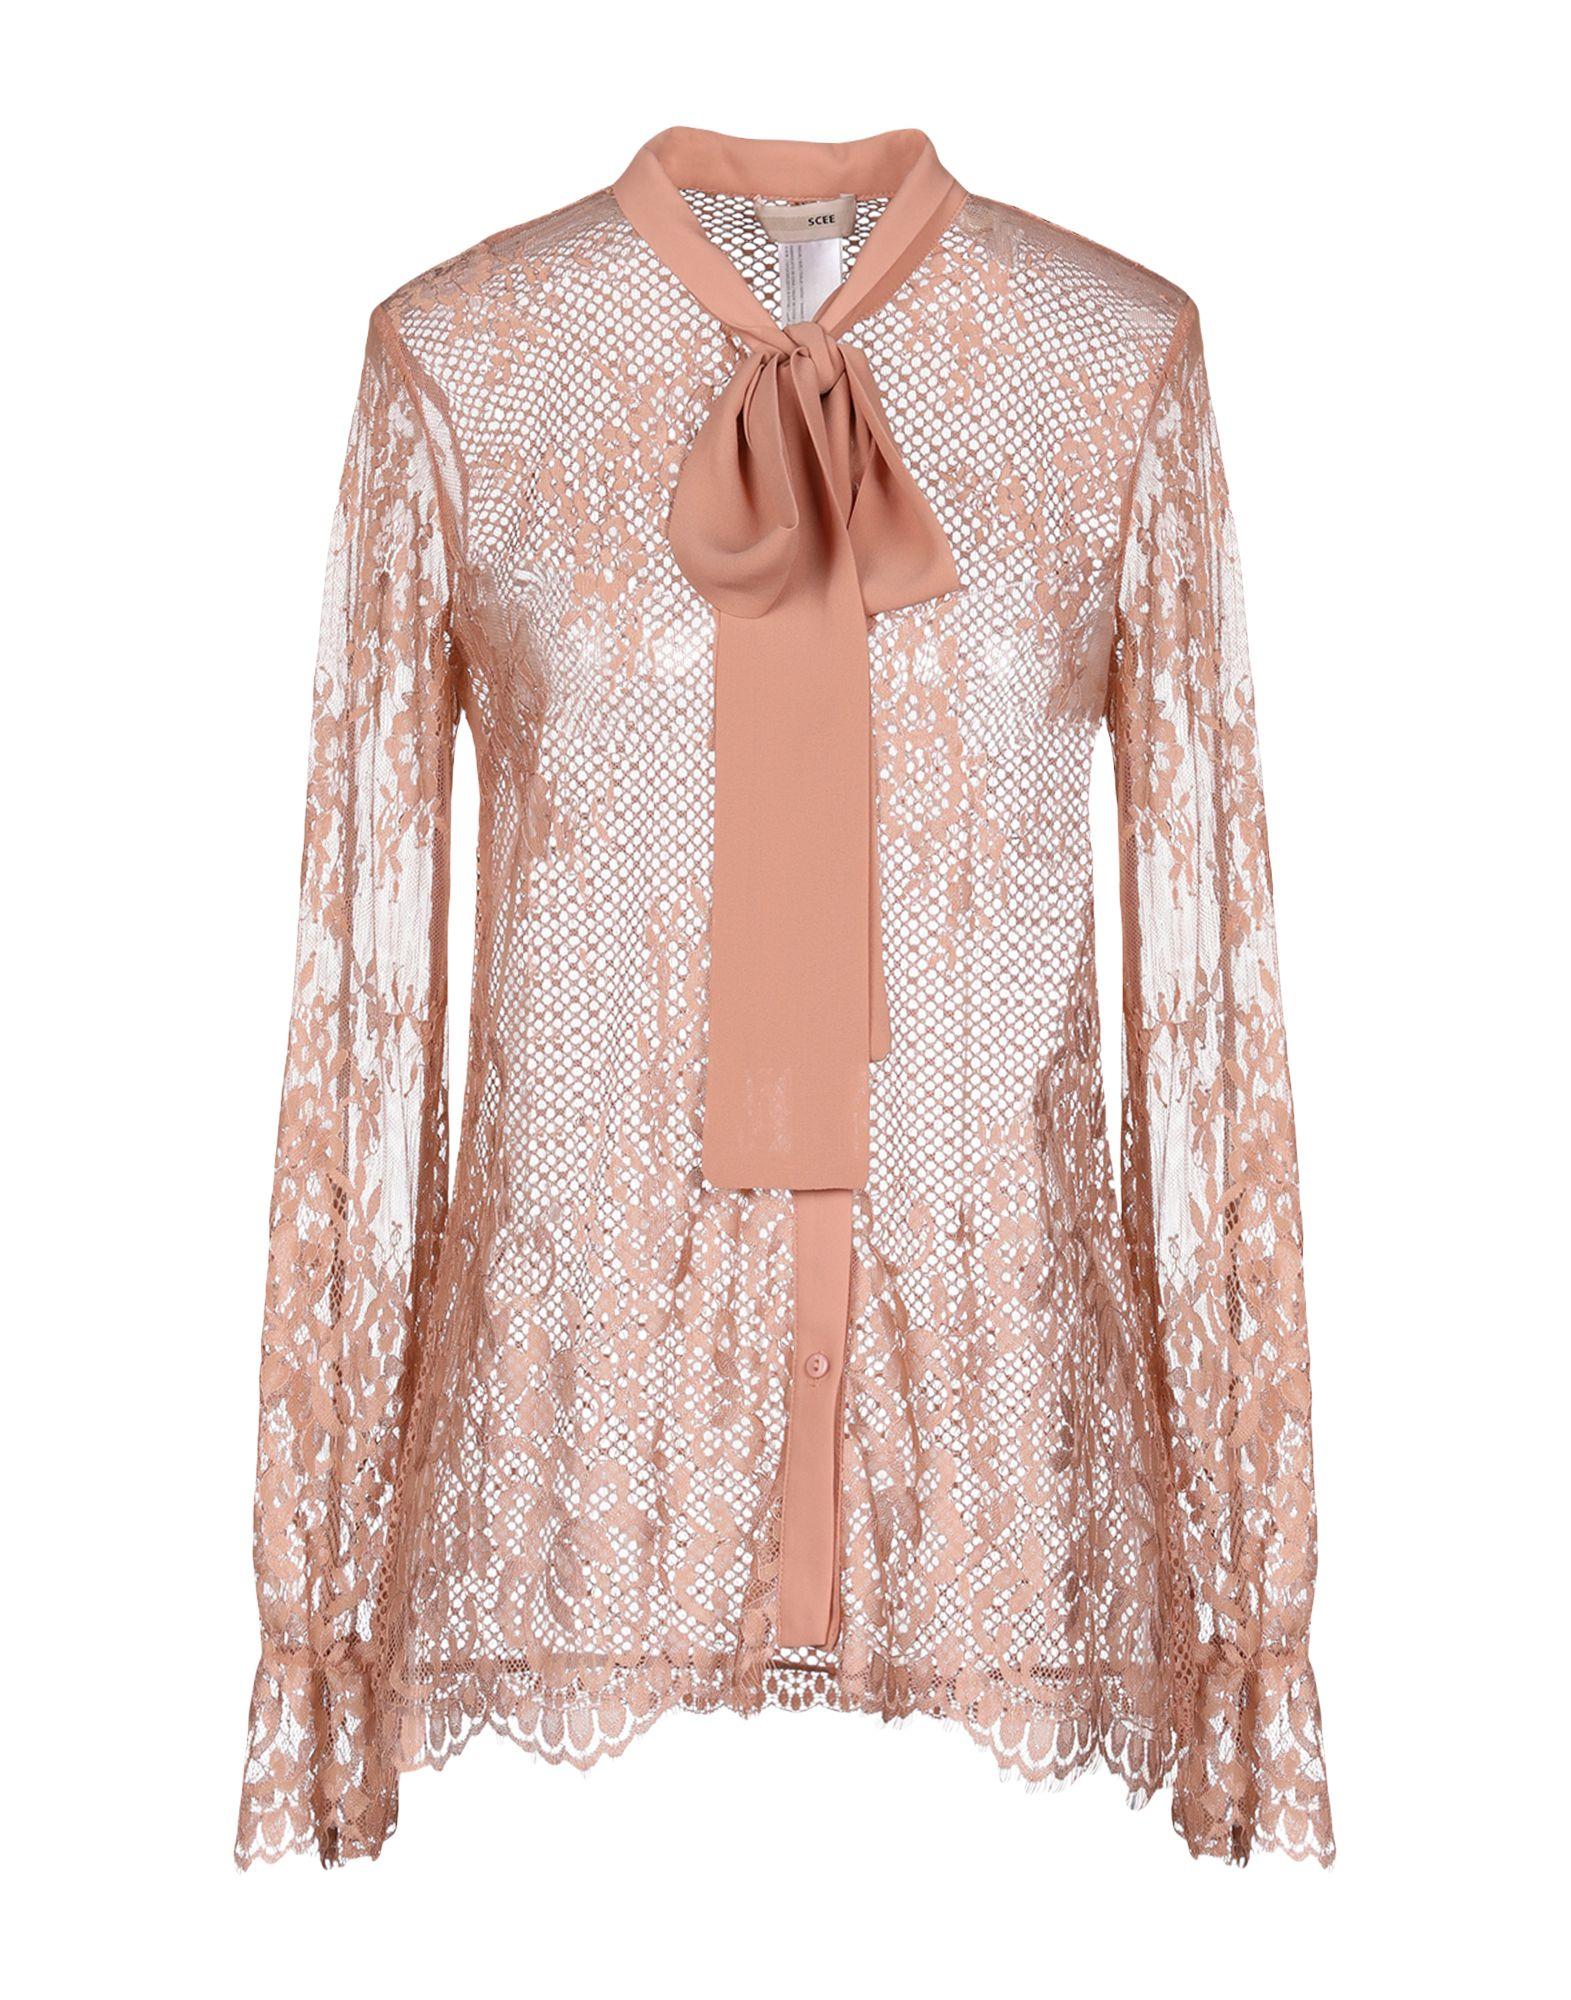 Camicie E bluse Con Fiocco Scee By Twinset Twinset donna - 38782193RA  bis zu 50% Rabatt